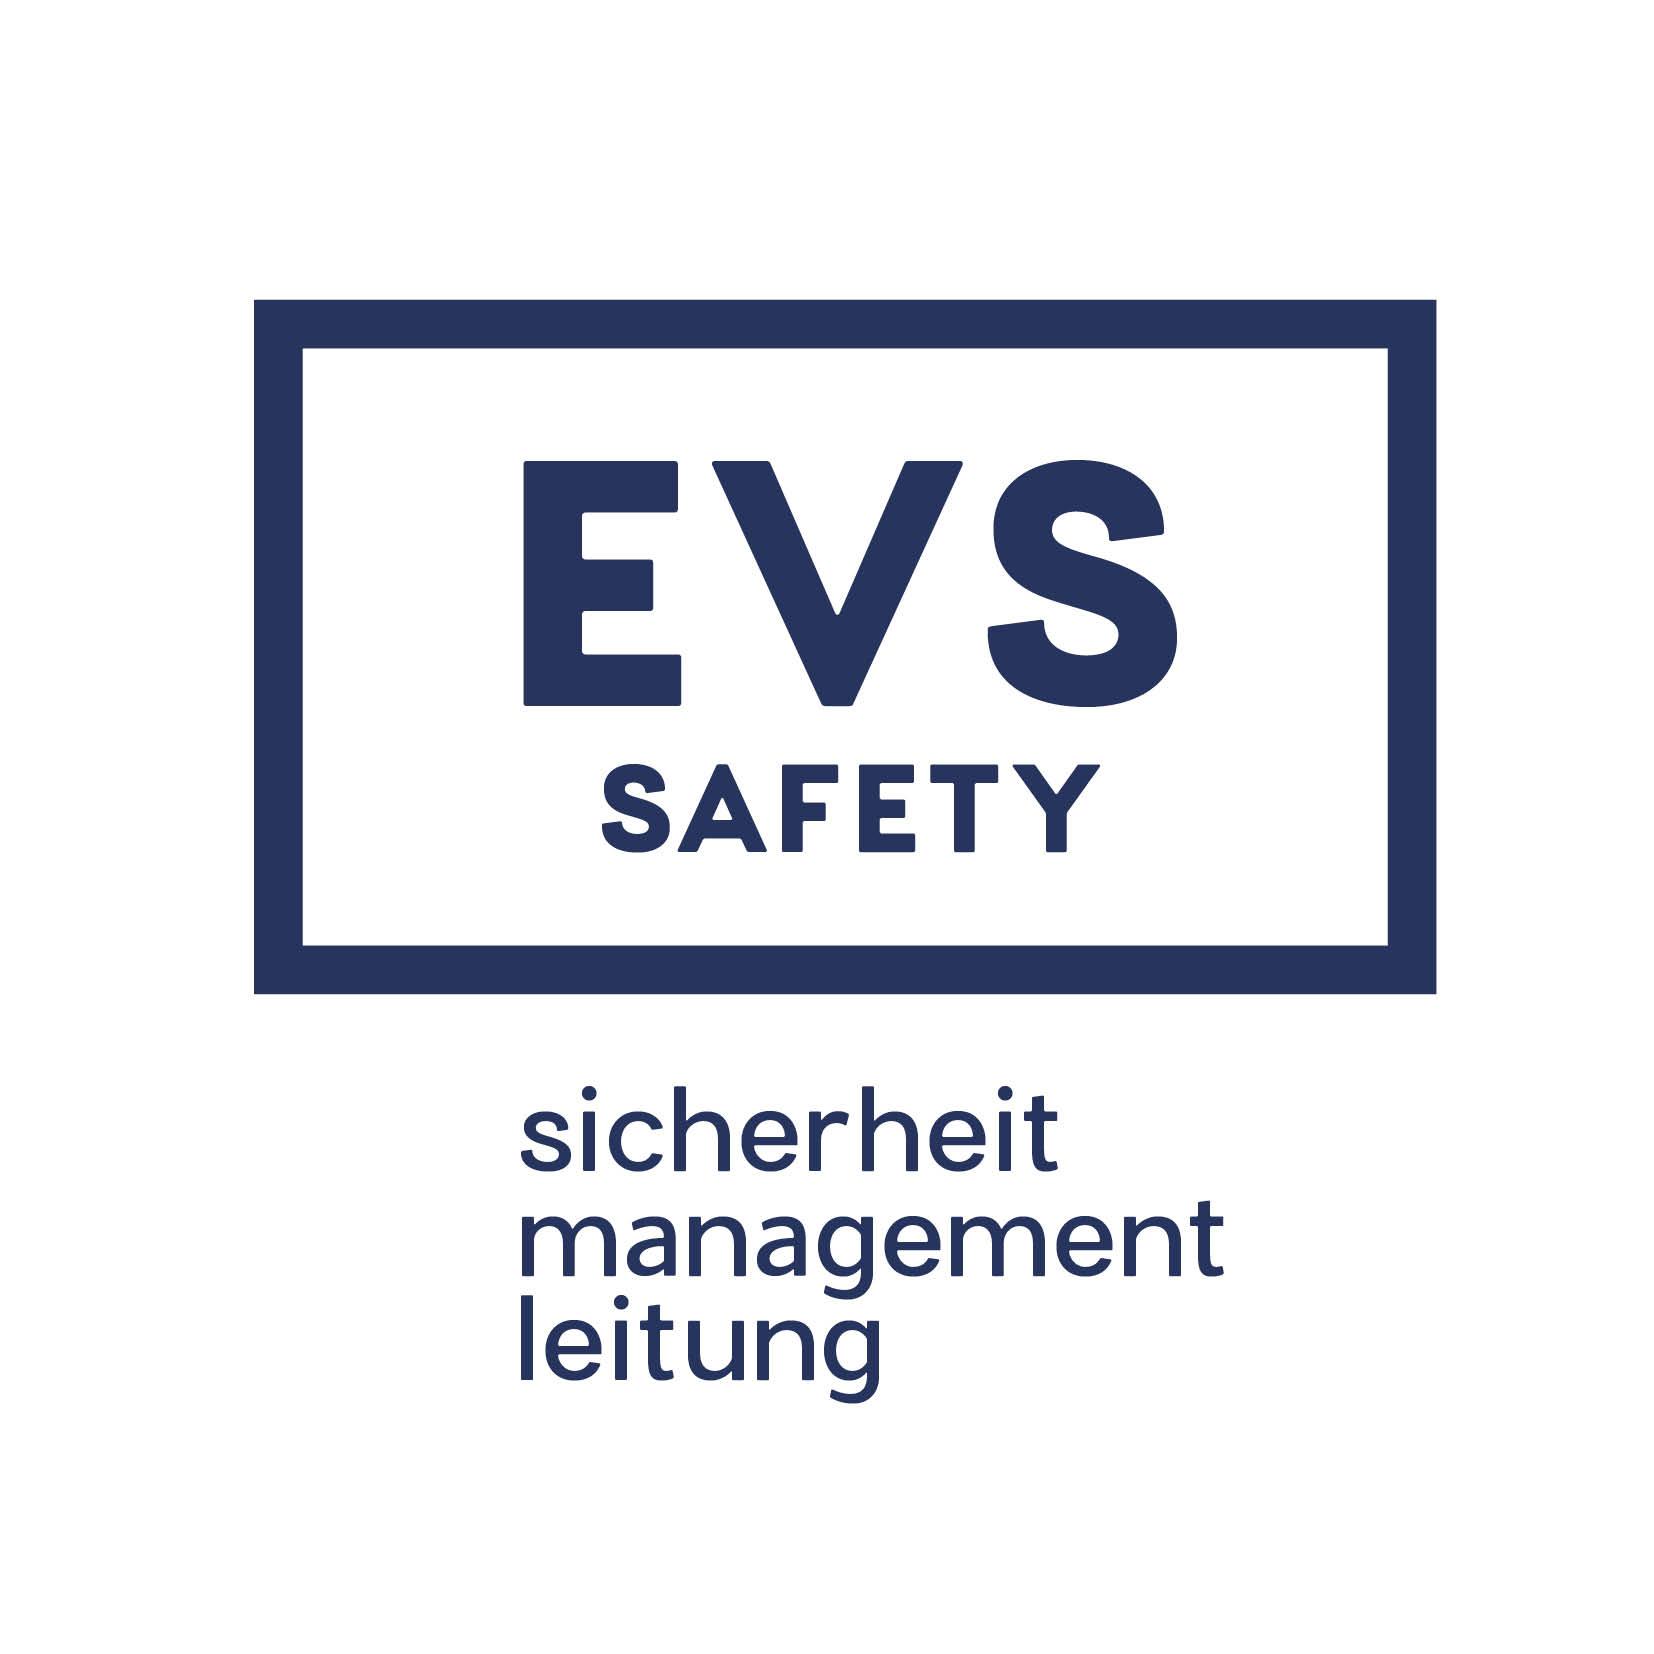 Das Logo von EVS Safety